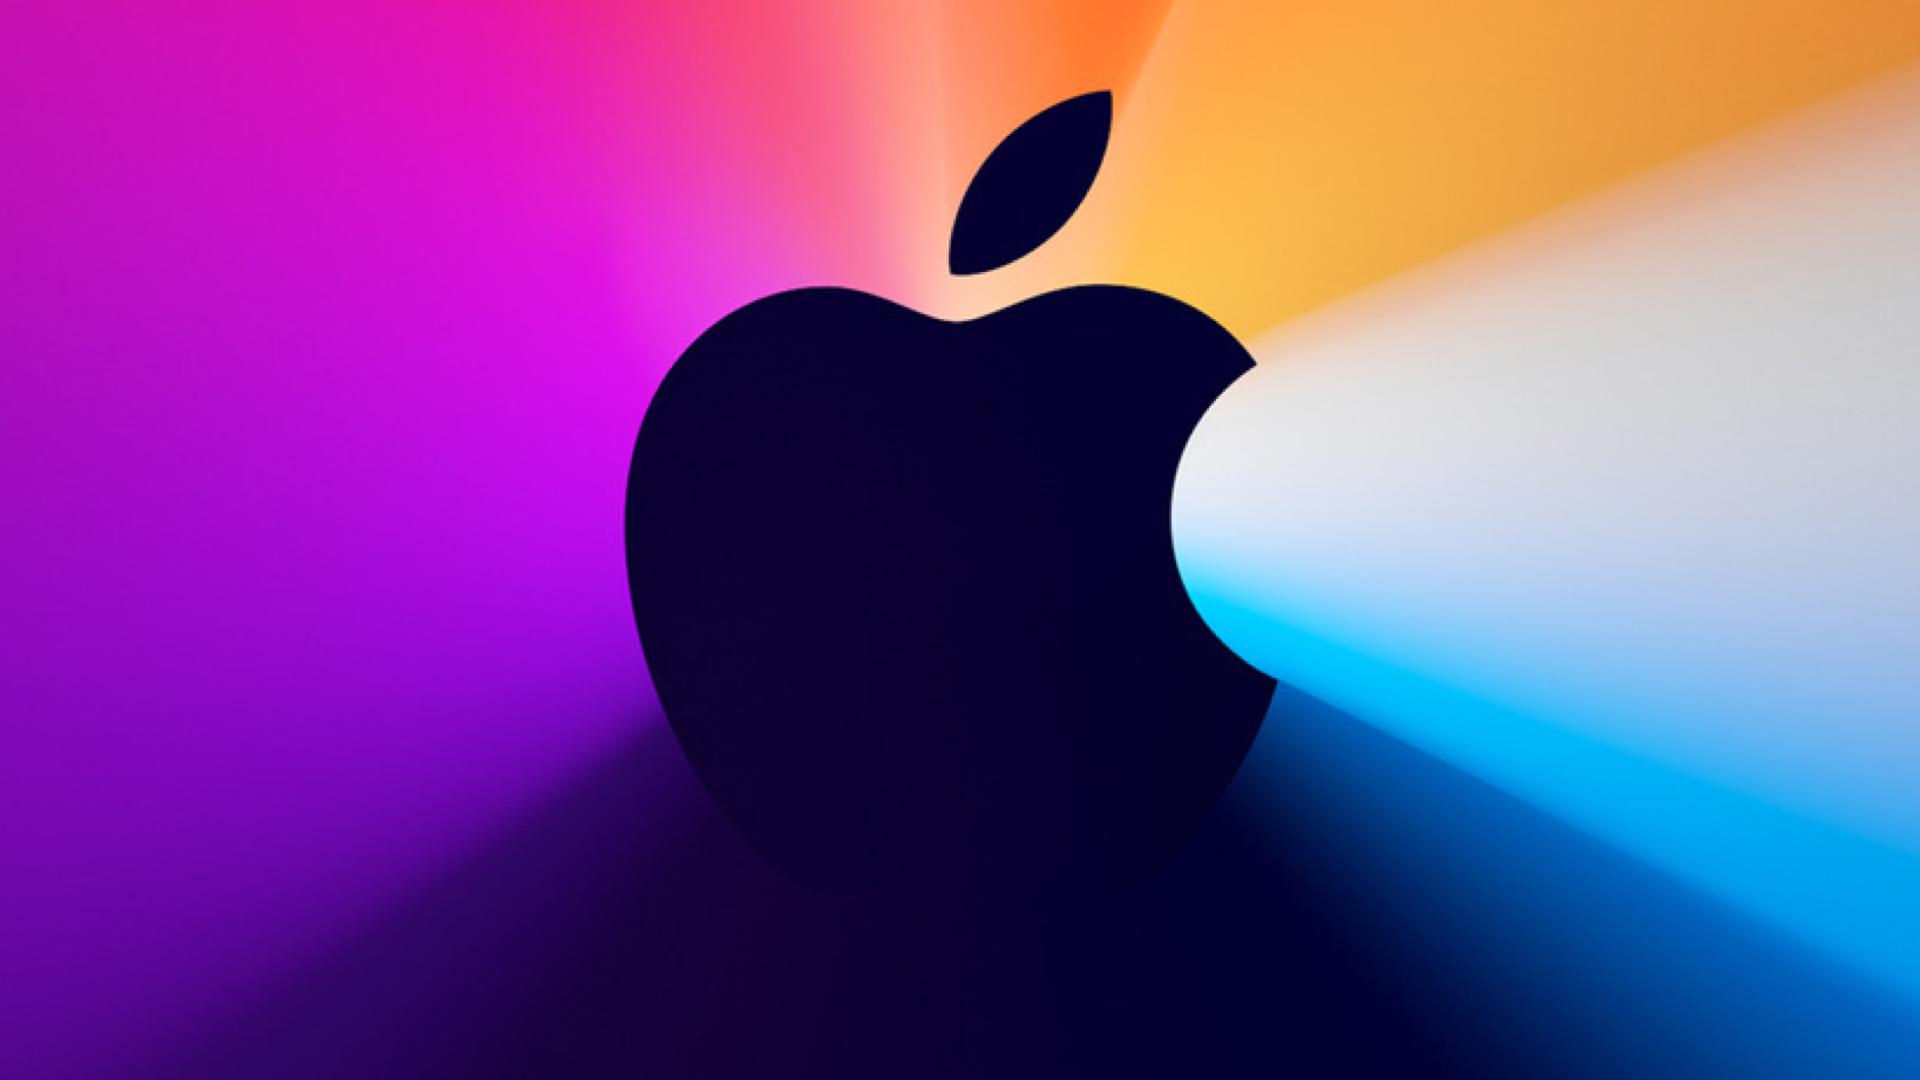 Apple Silicon event